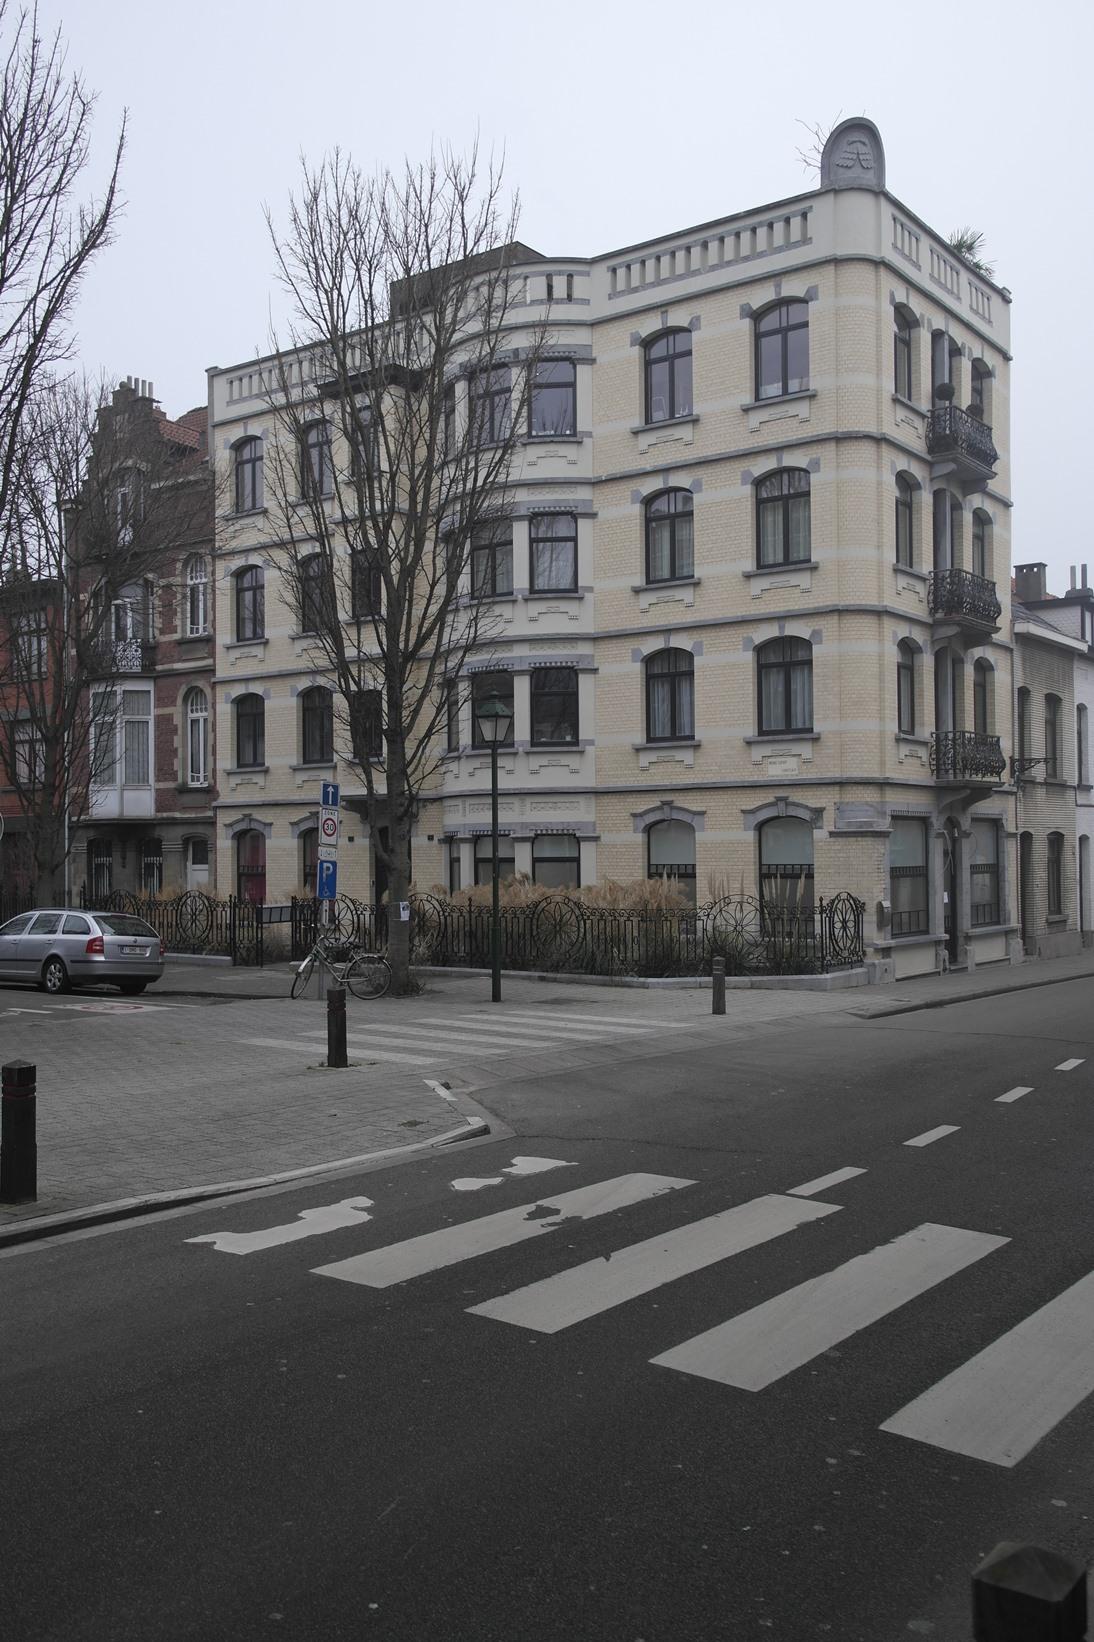 Avenue Capart 2 - rue Bonaventure 50, 2015